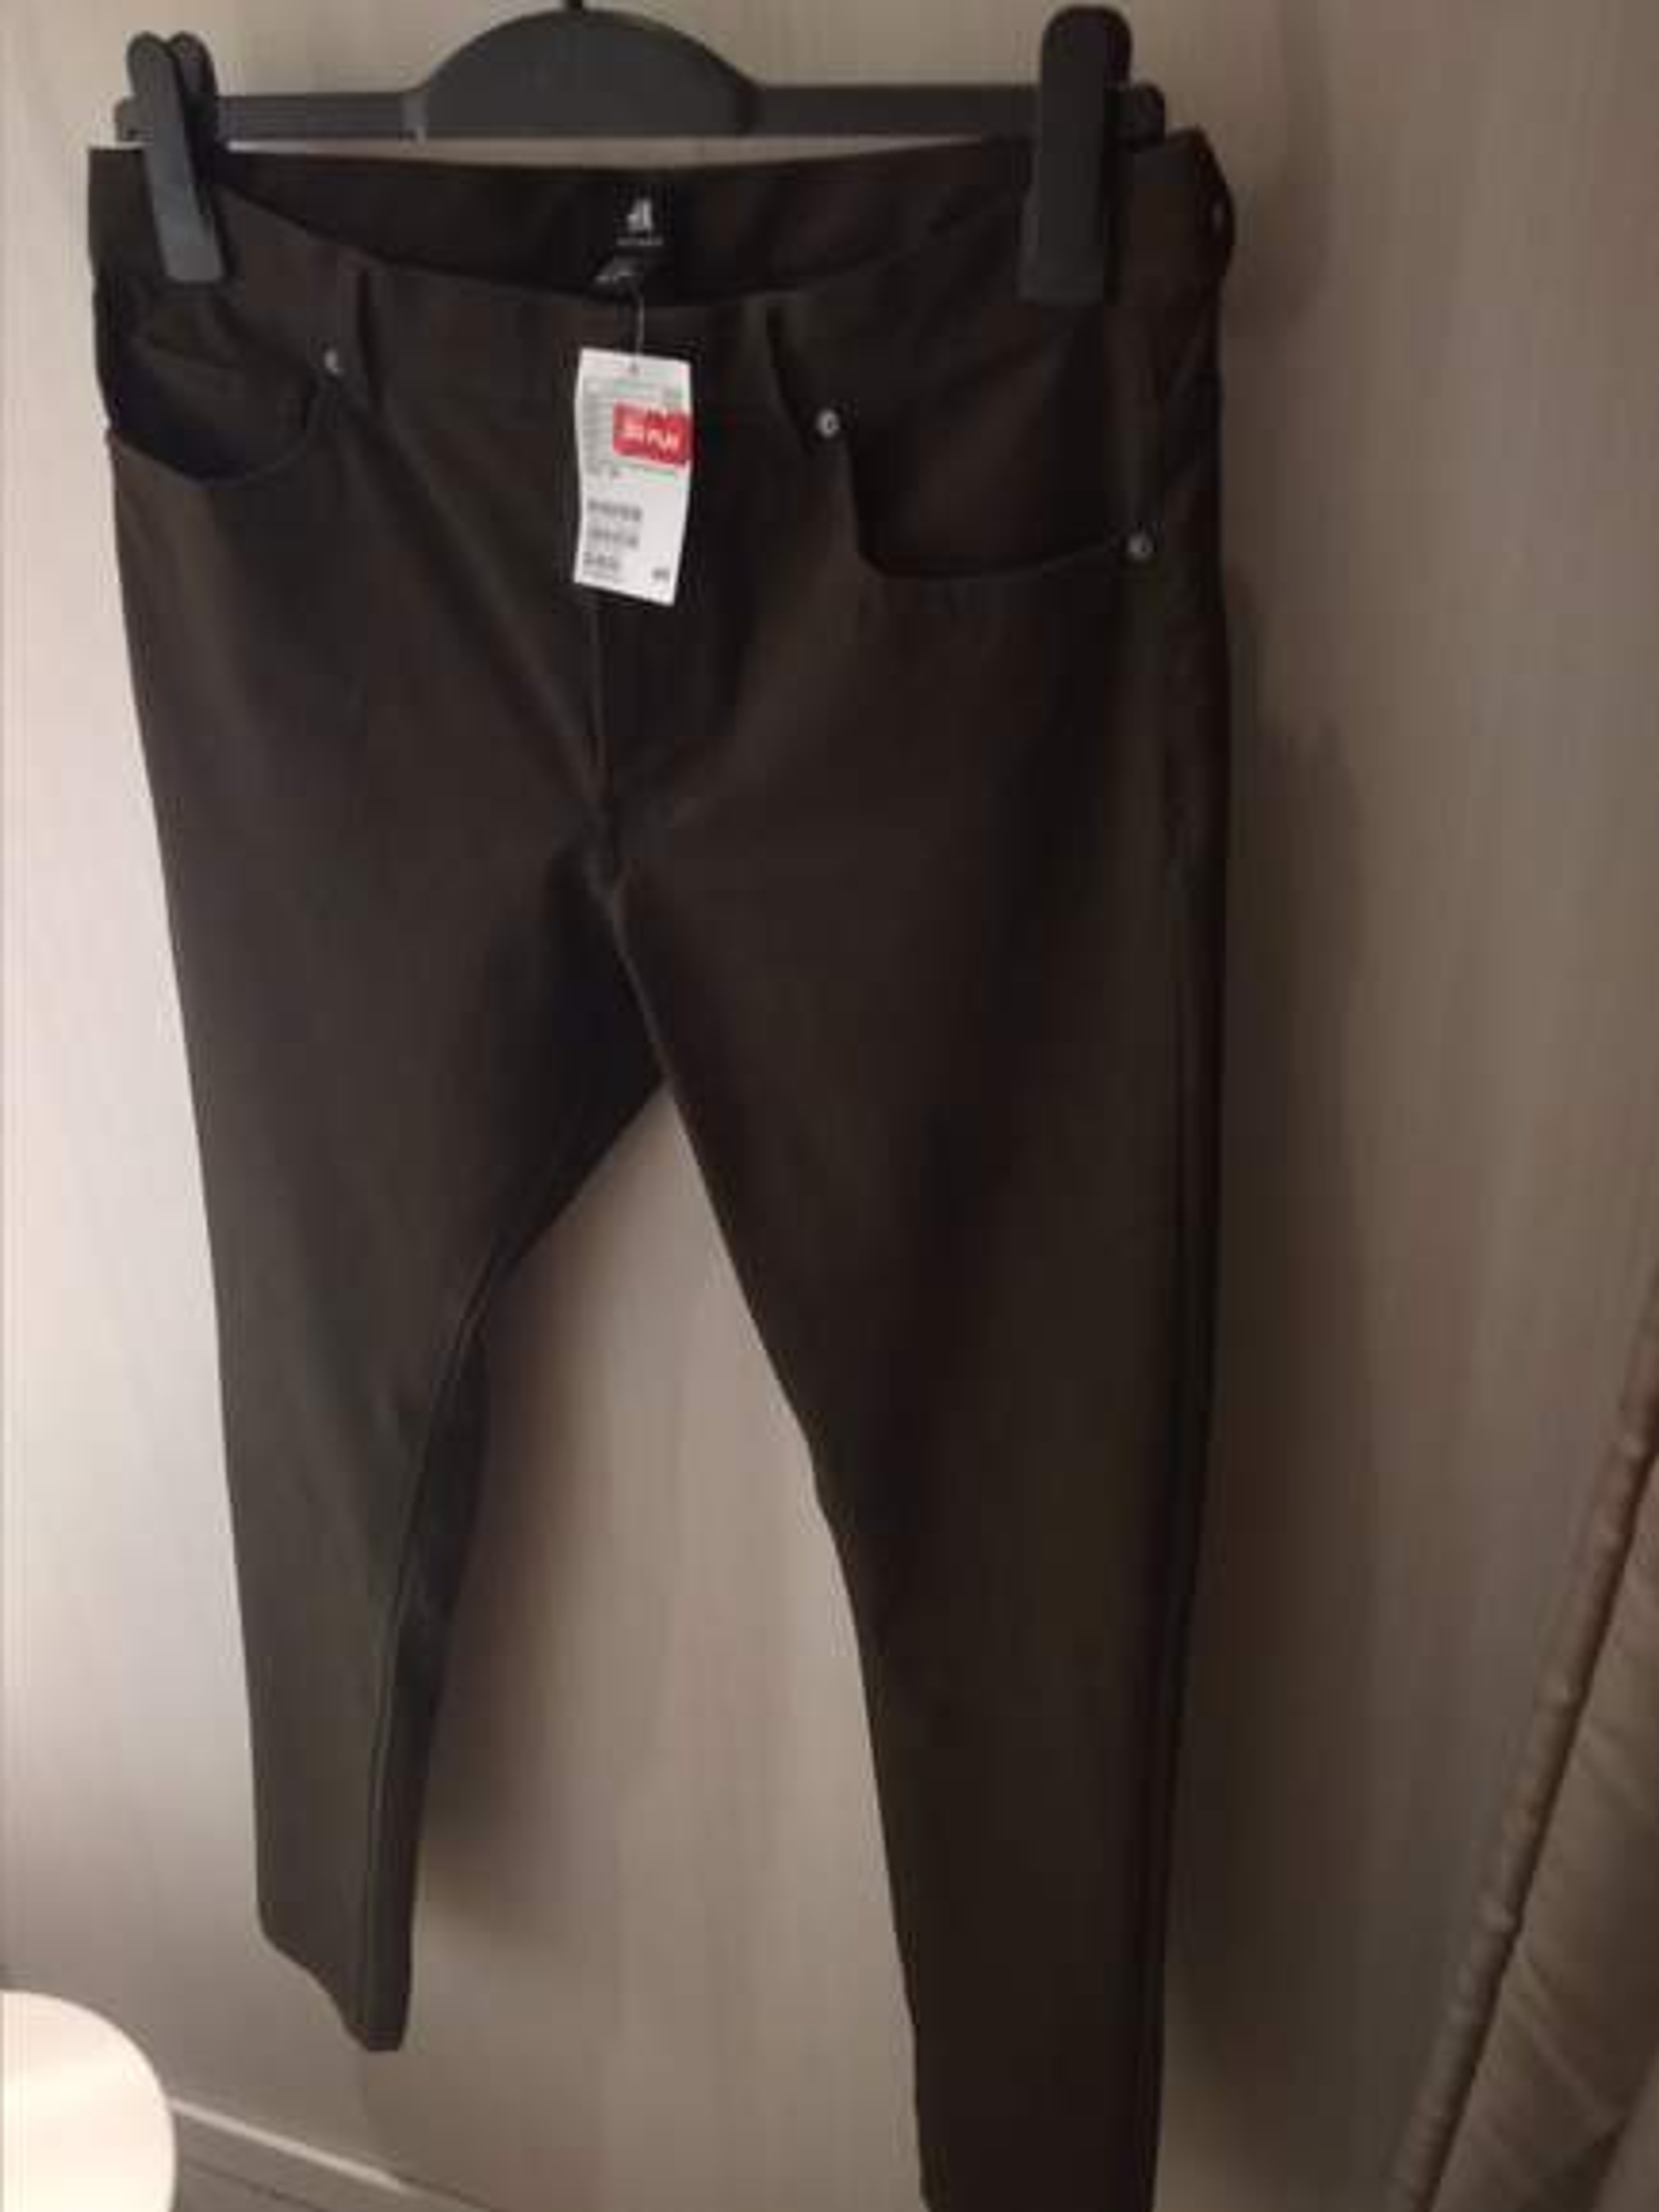 0eda9859e497b Spodnie męskie kolor oliwkowy za 20 PLN w H&M Łódź Galeria. Spodnie albo  mocno slim albo skinny (nie znam się 😉